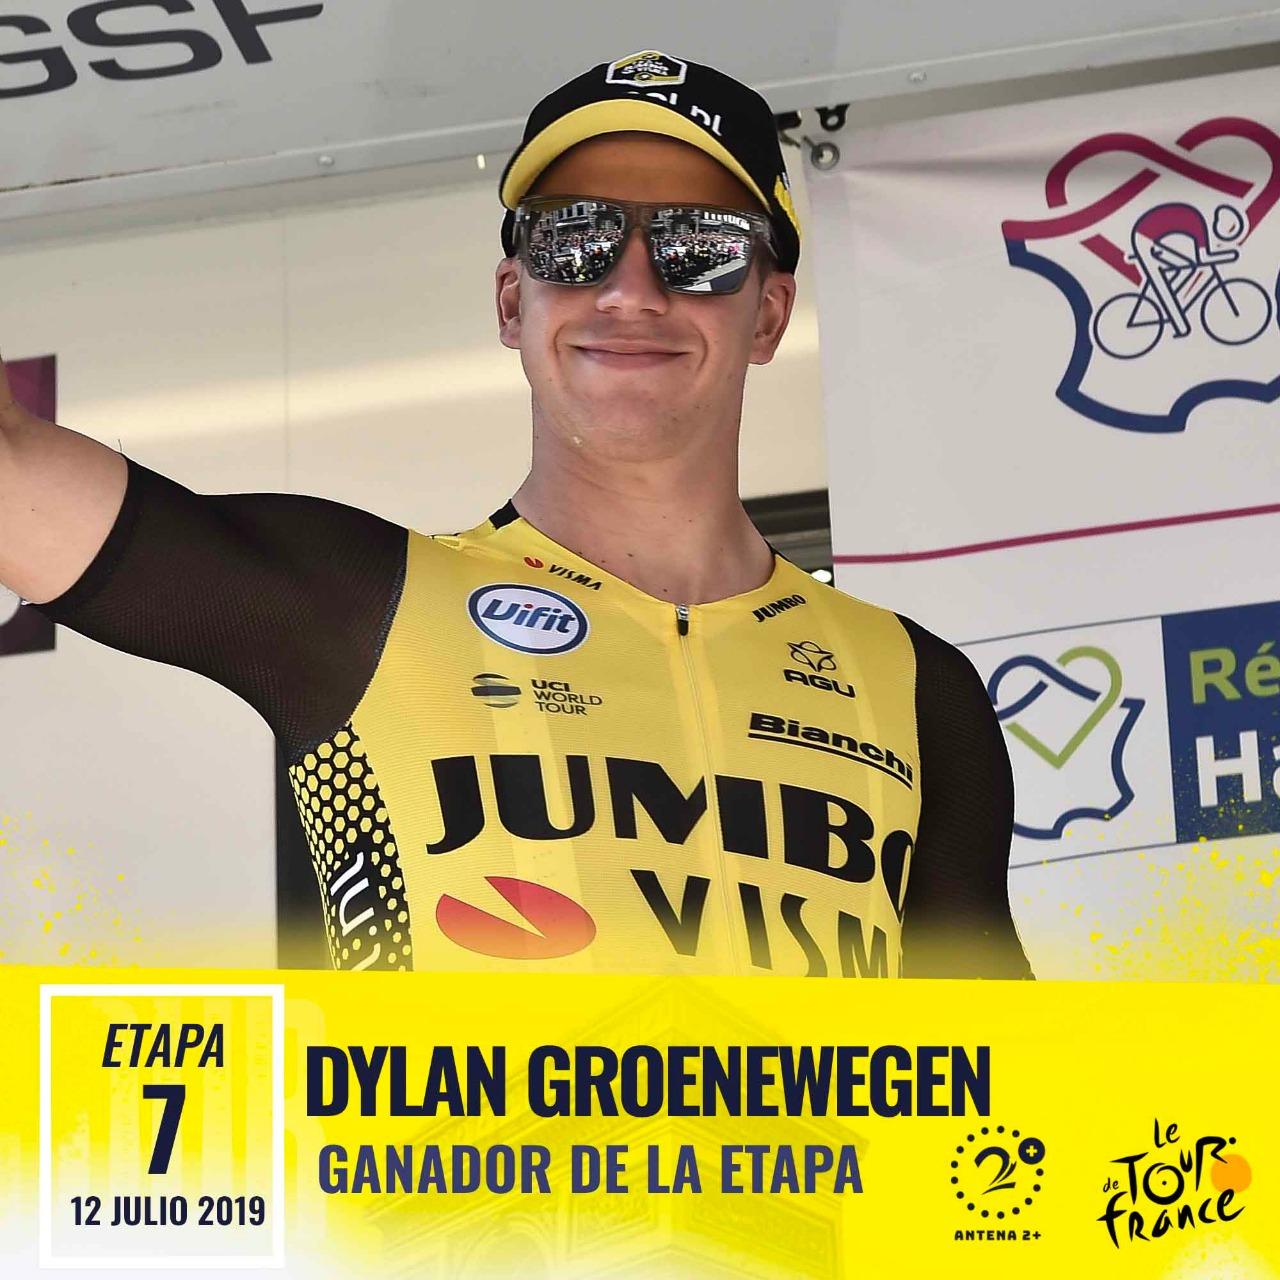 Dylan Groenewegen (Jumbo-Visma) ganó la etapa número 7 del Tour de Francia